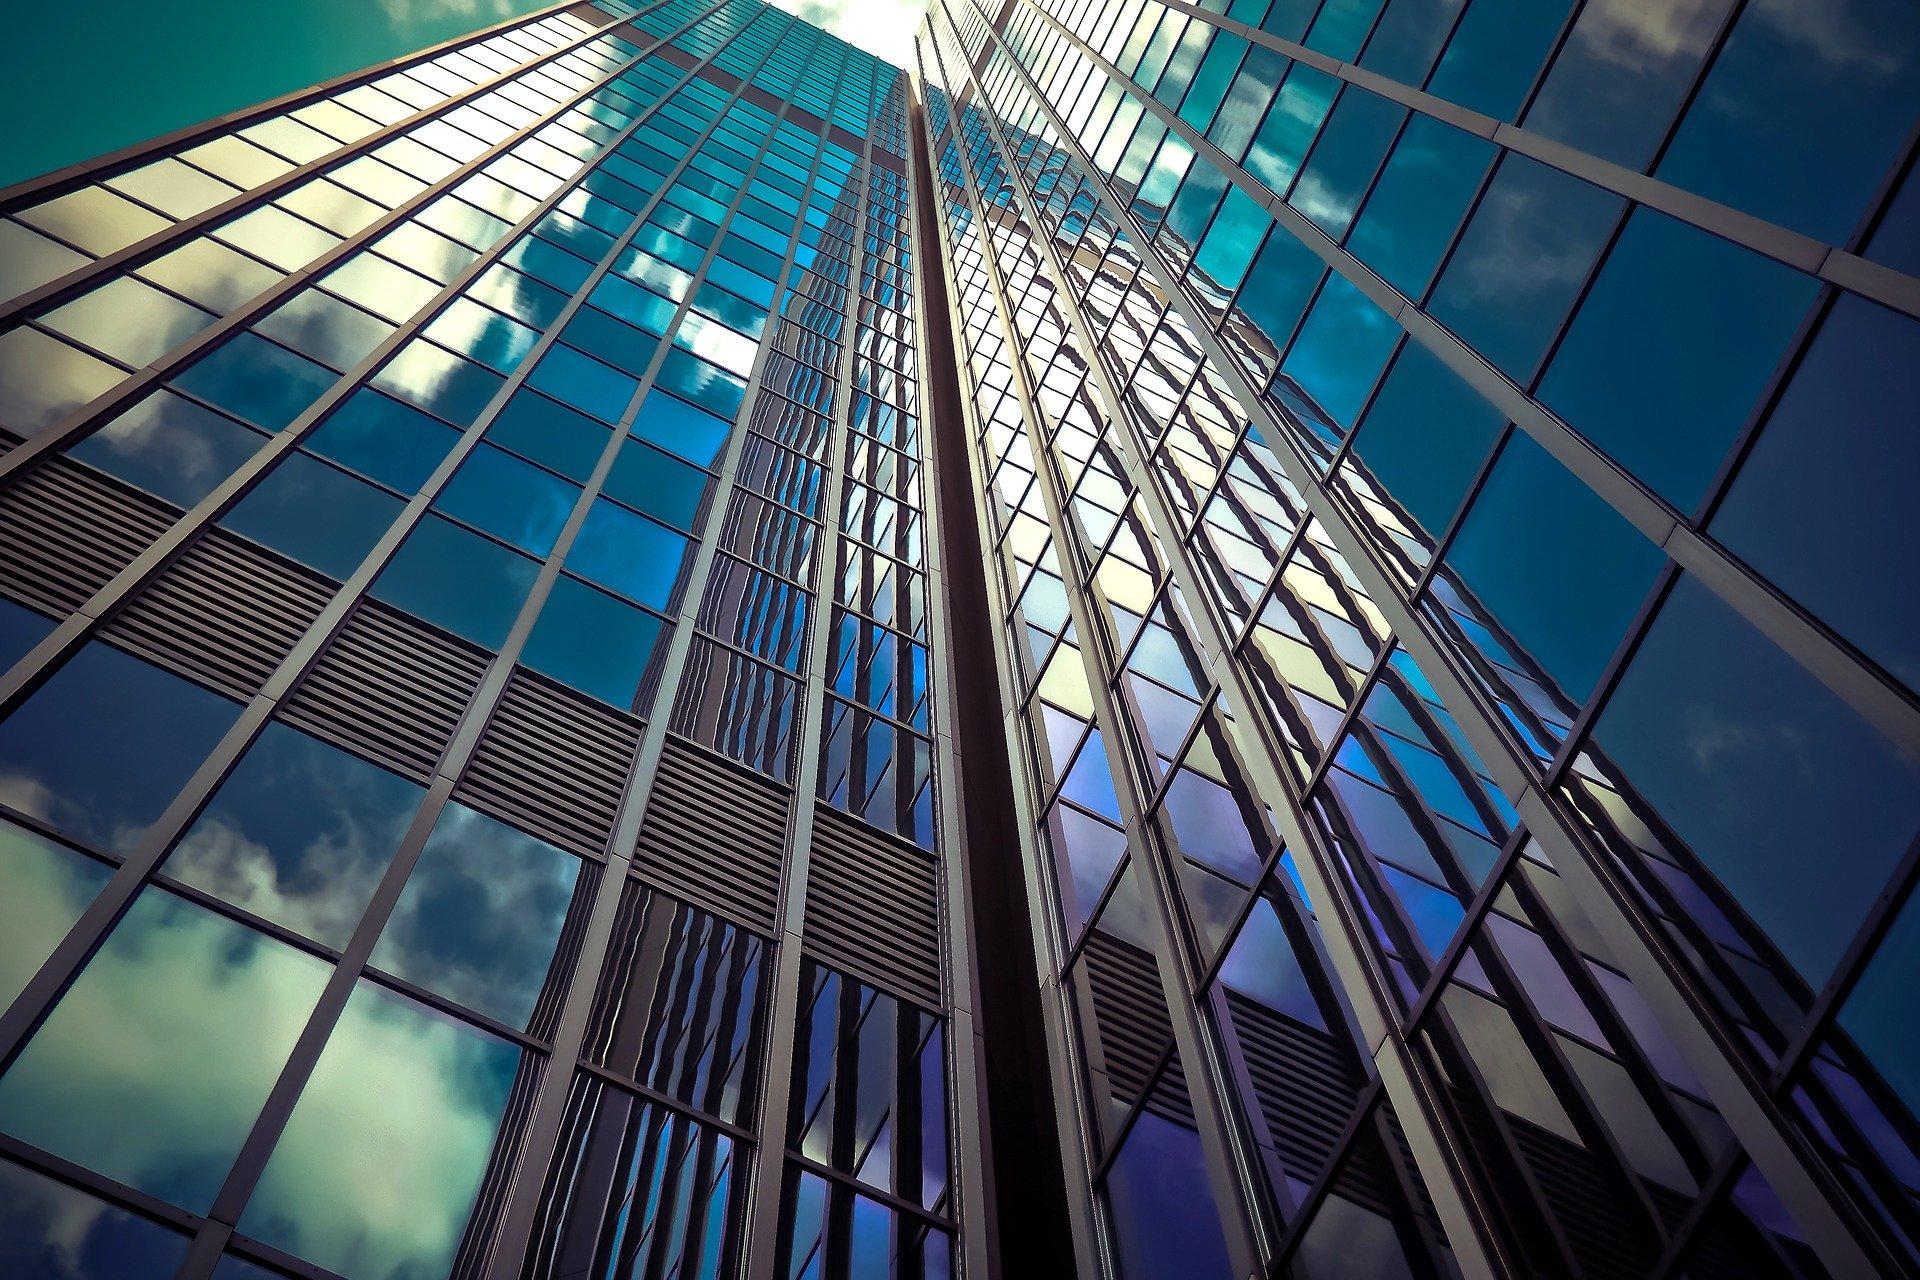 Isolare Acusticamente Una Finestra isolamento acustico delle finestre: una questione di vetri